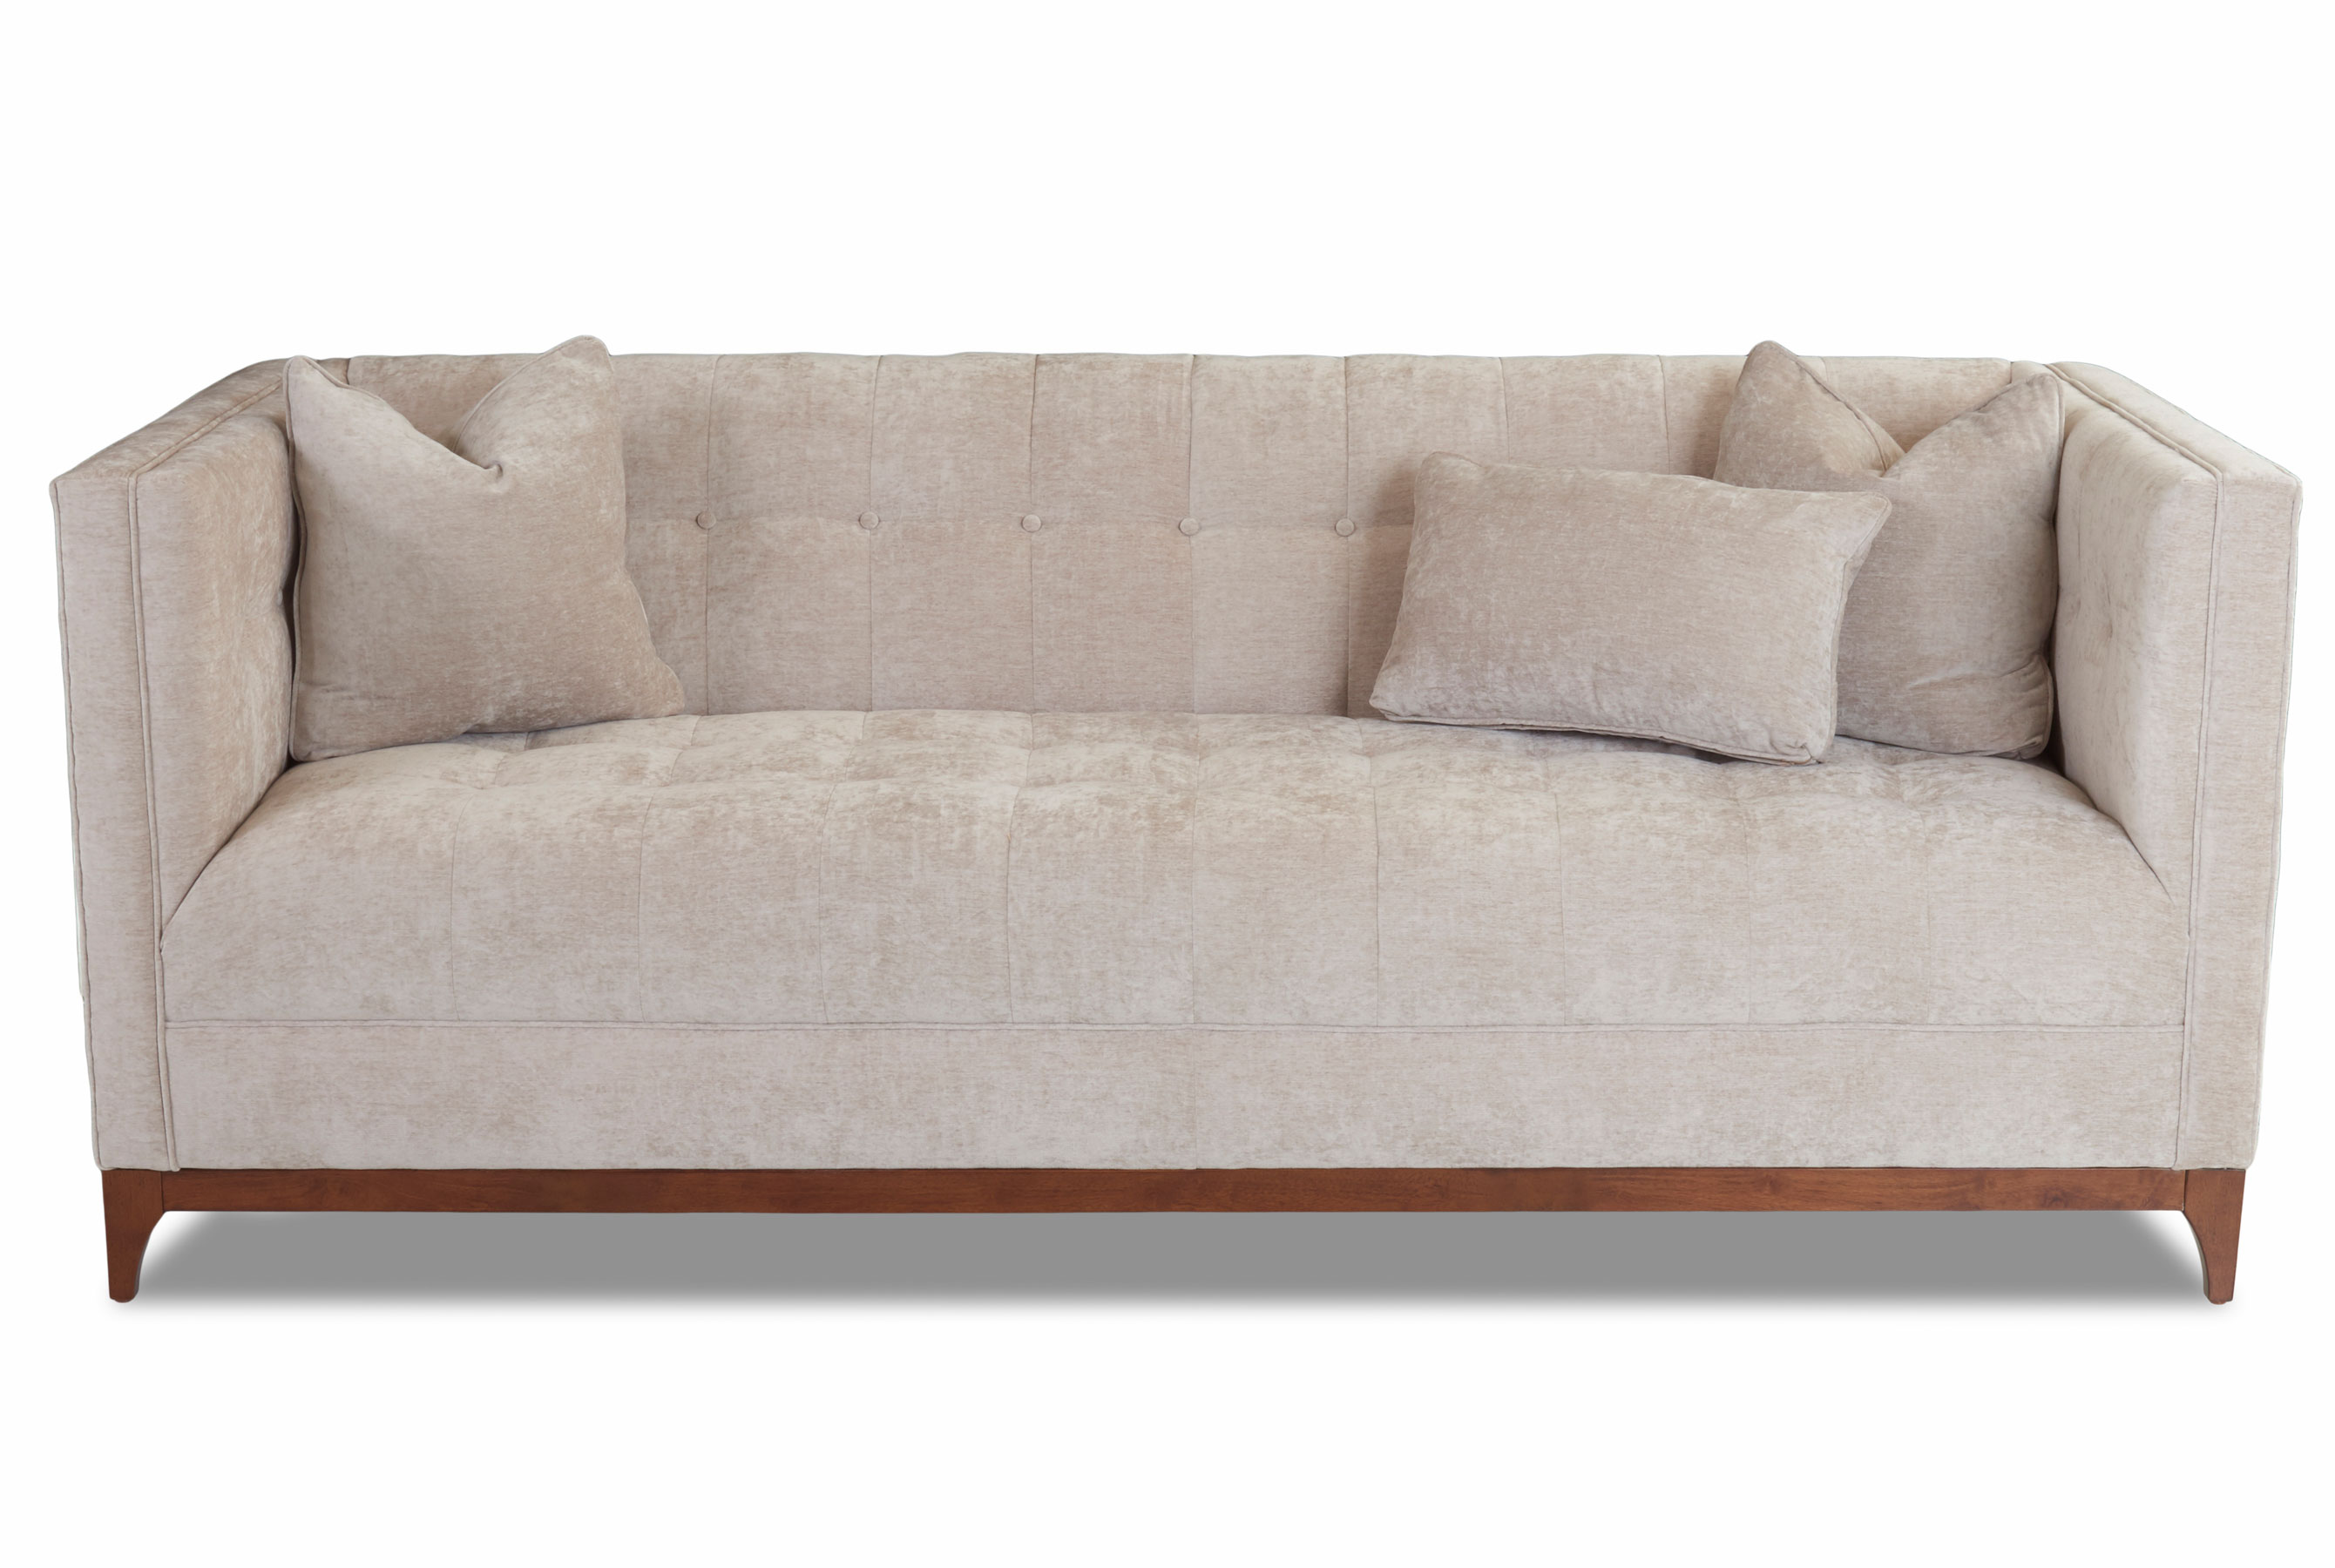 Tremendous Boulevard 86 Sofa W Down Cushions Sofas And Sectionals Inzonedesignstudio Interior Chair Design Inzonedesignstudiocom